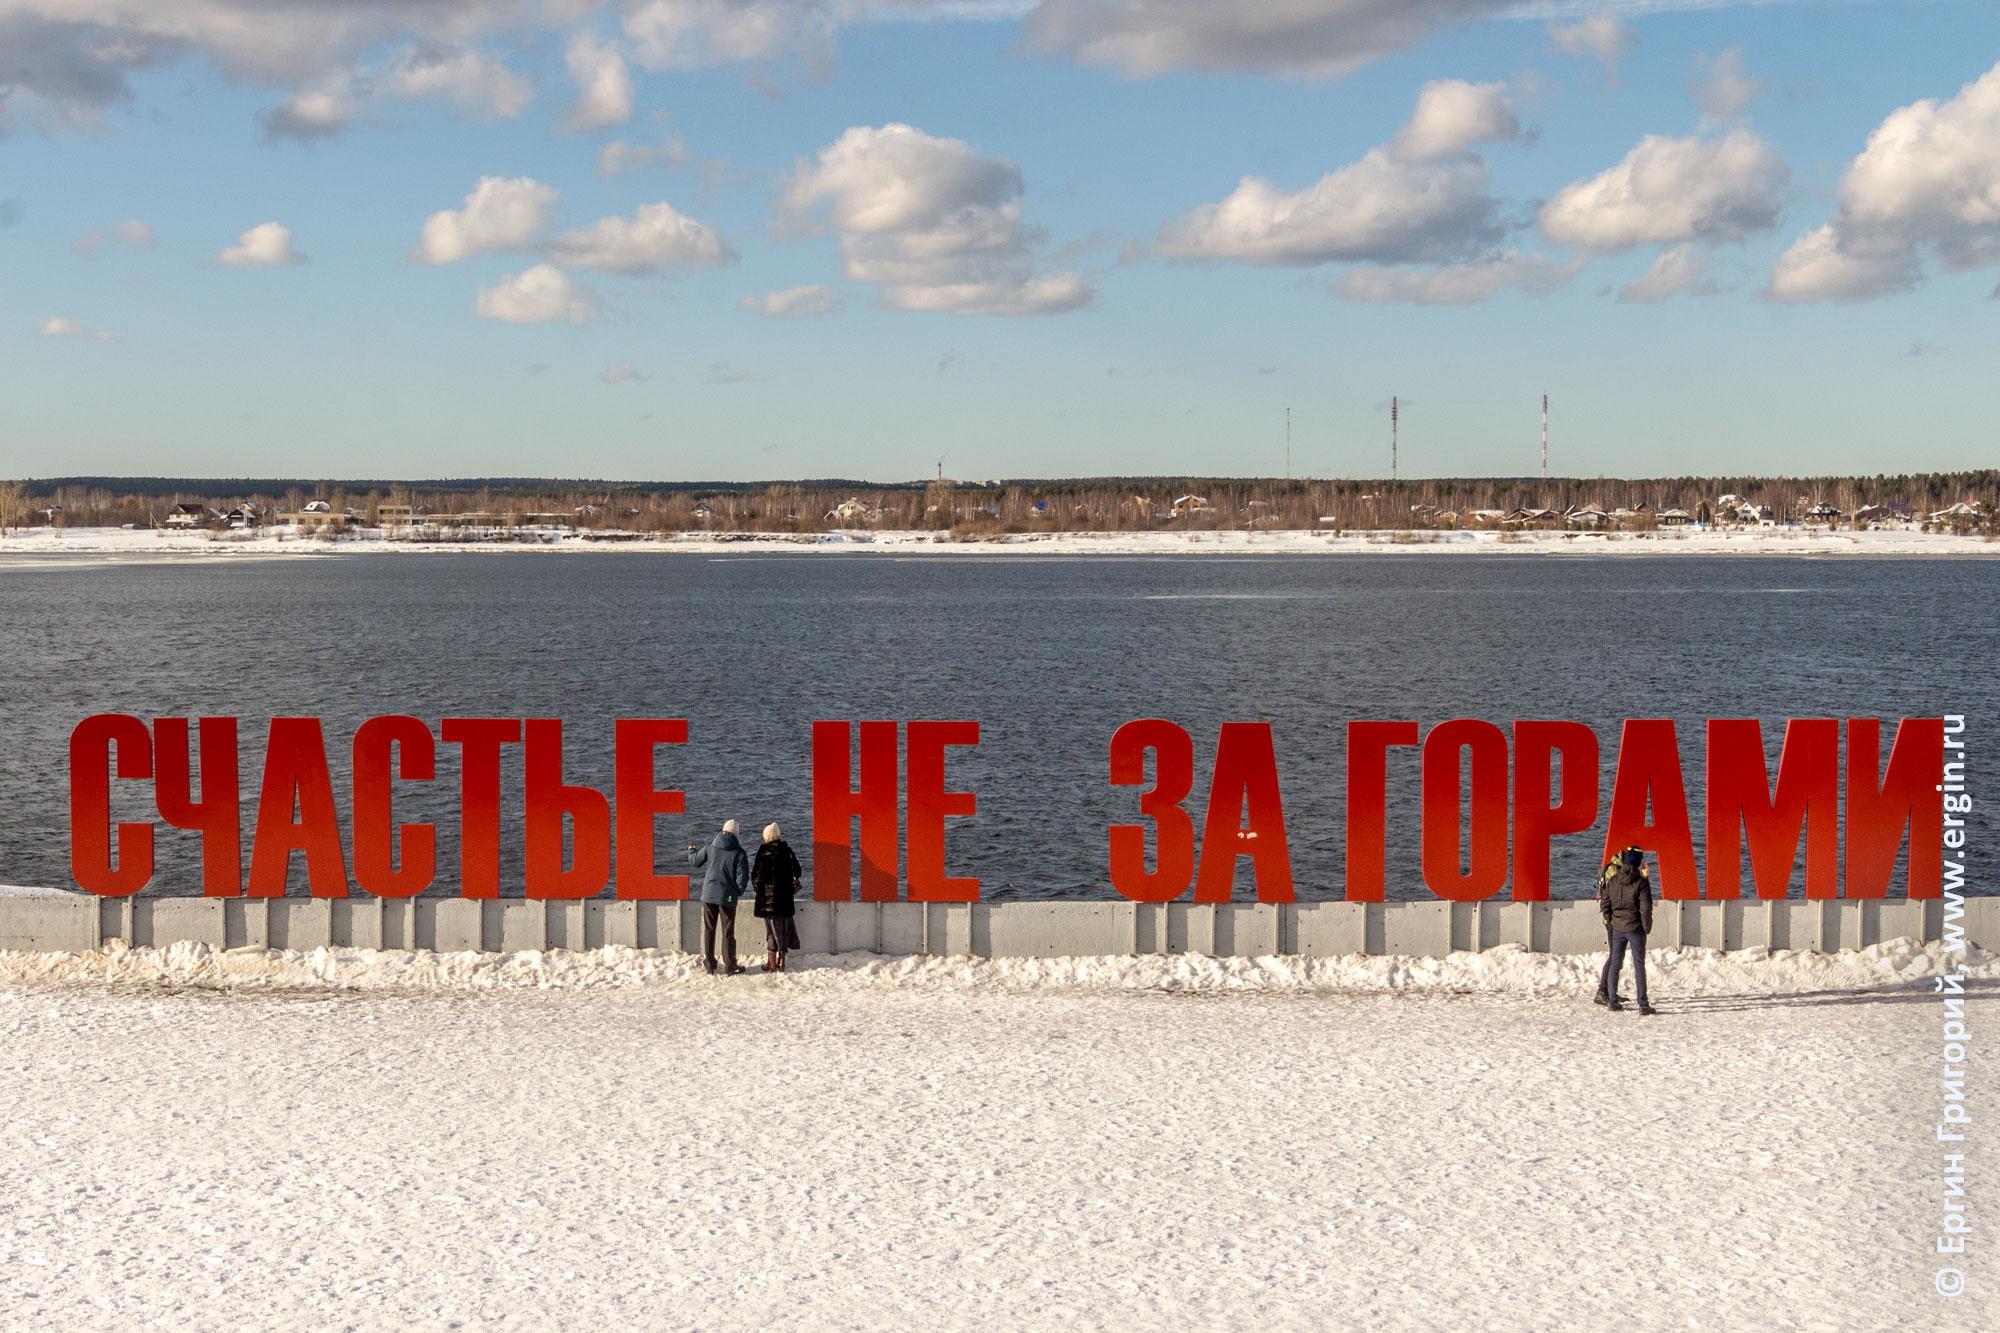 Счастье не за горами надпись в Перми на набережной а набережной реки Камы